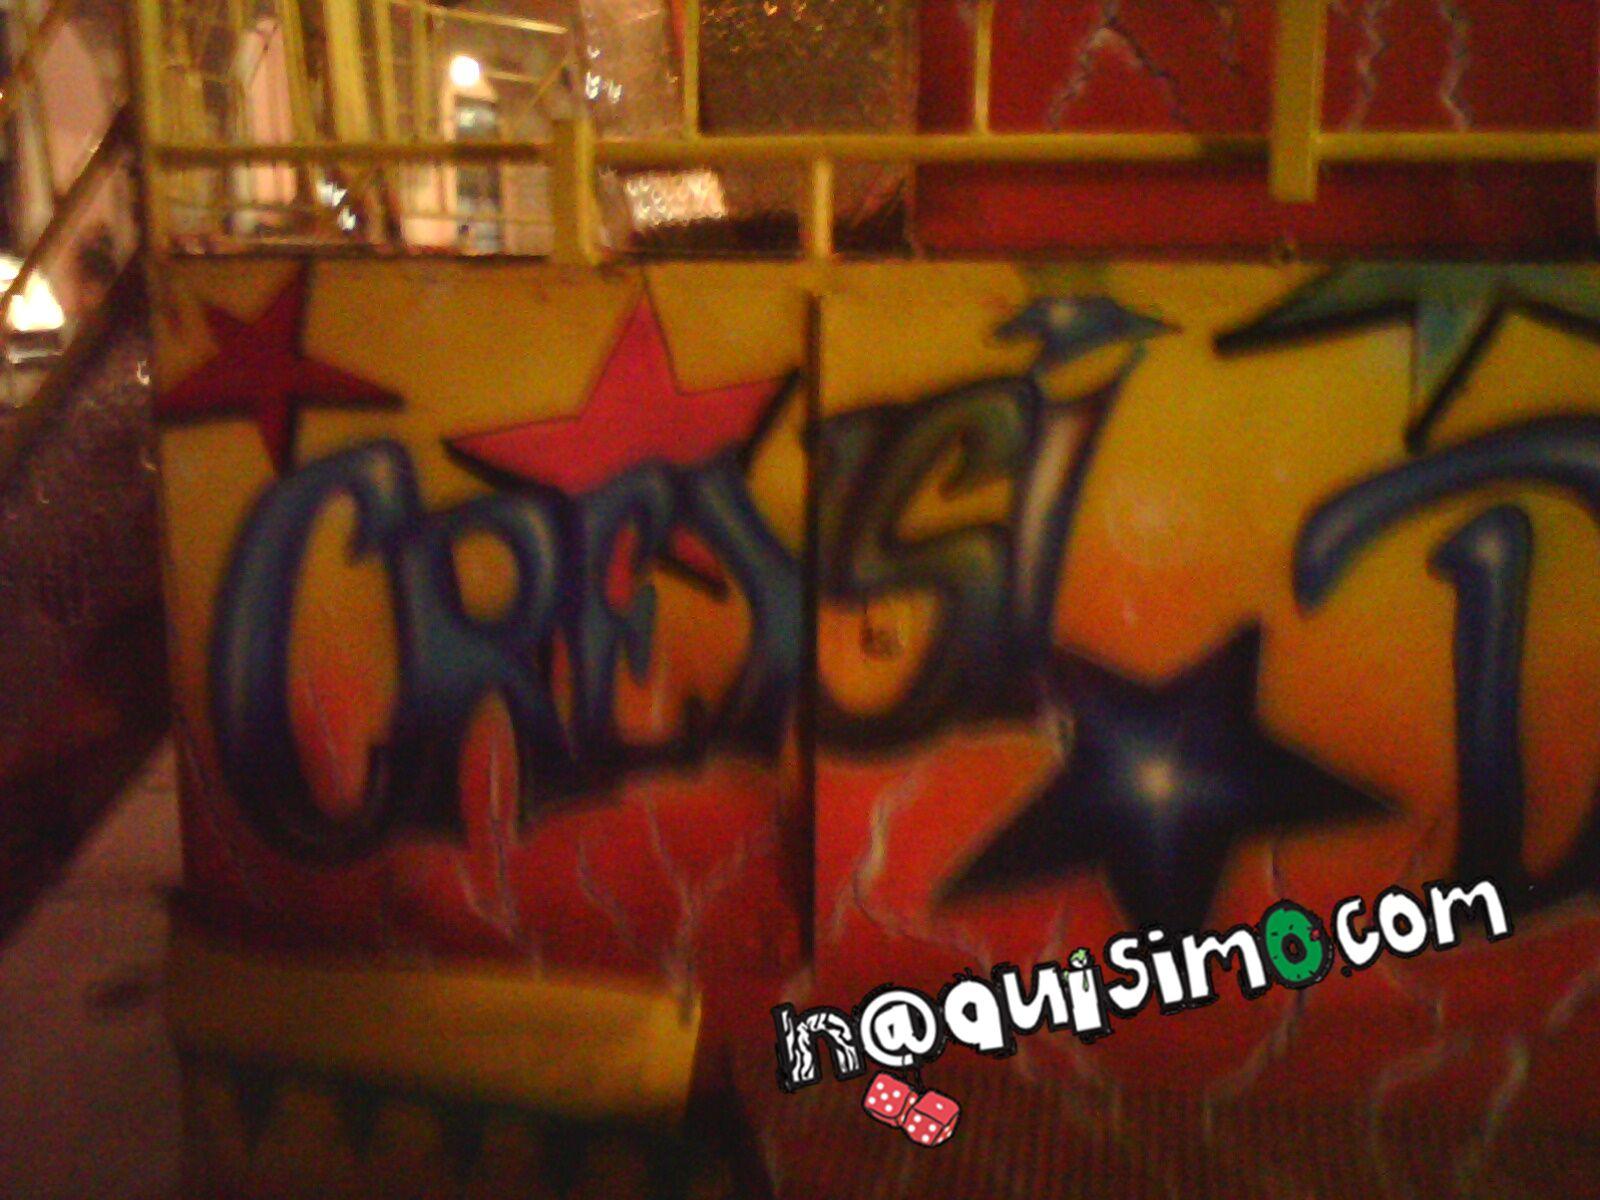 Creysi